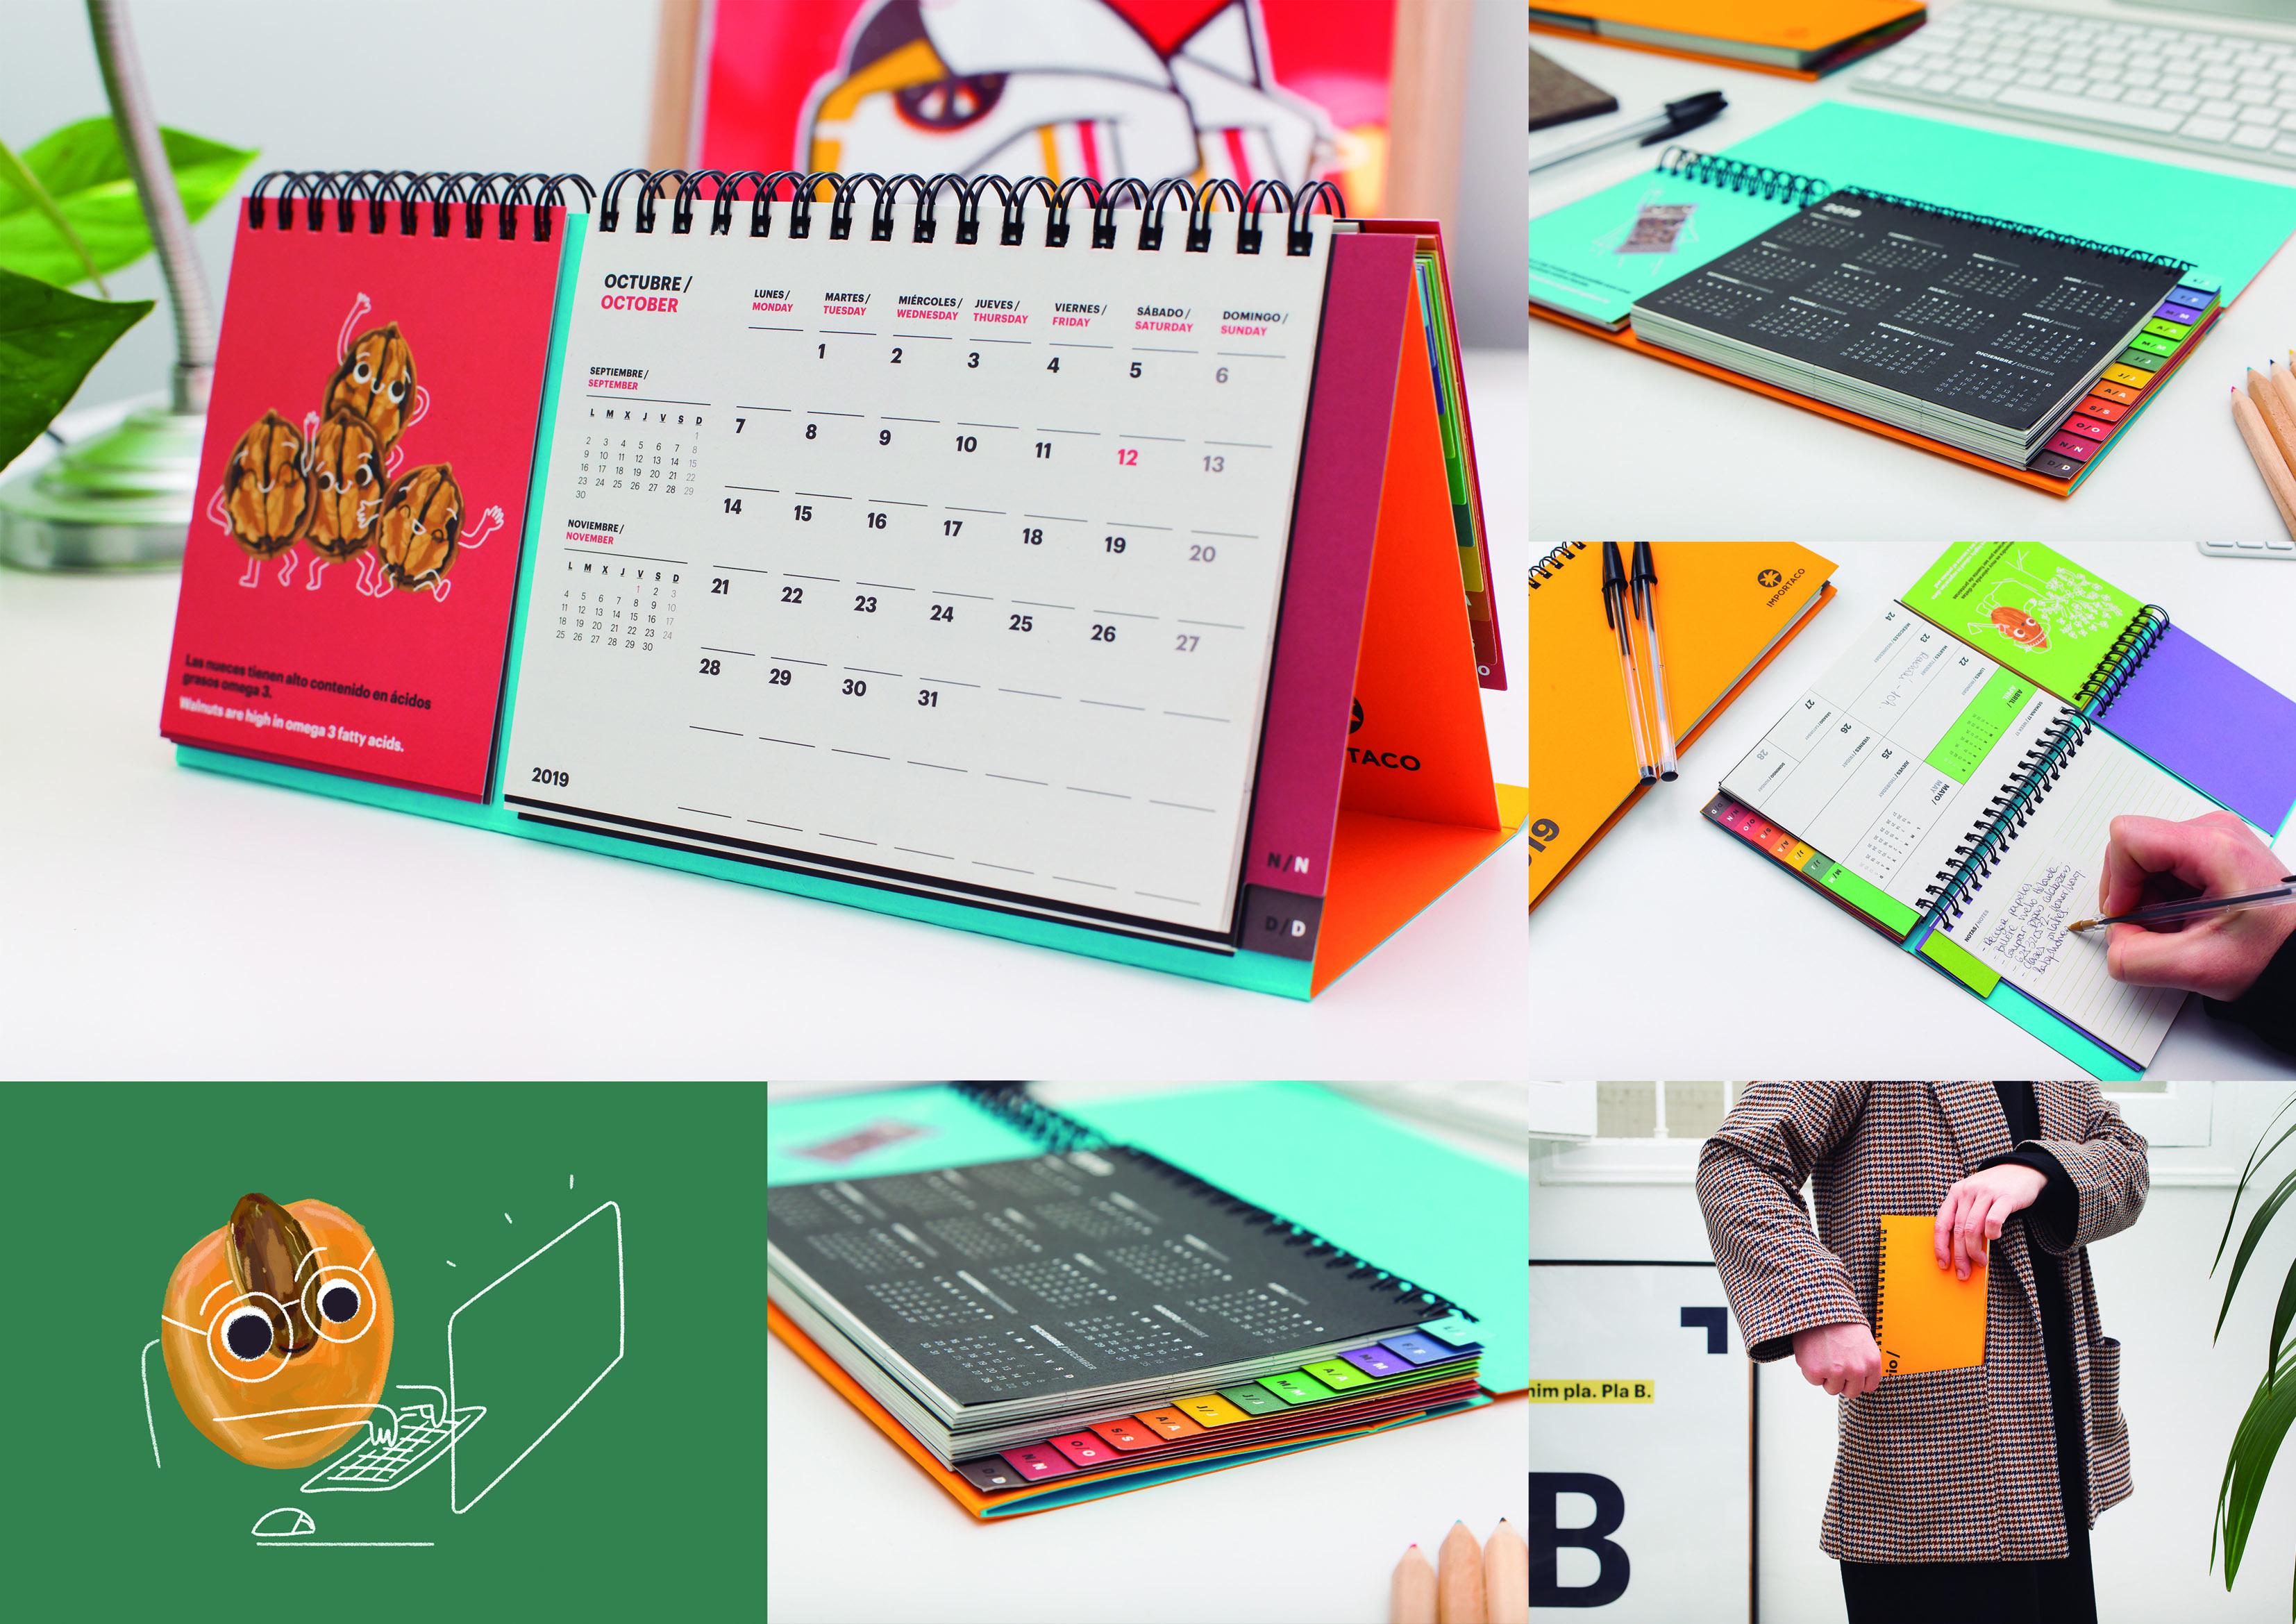 Calendario Importaco by Nueve - Creative Work